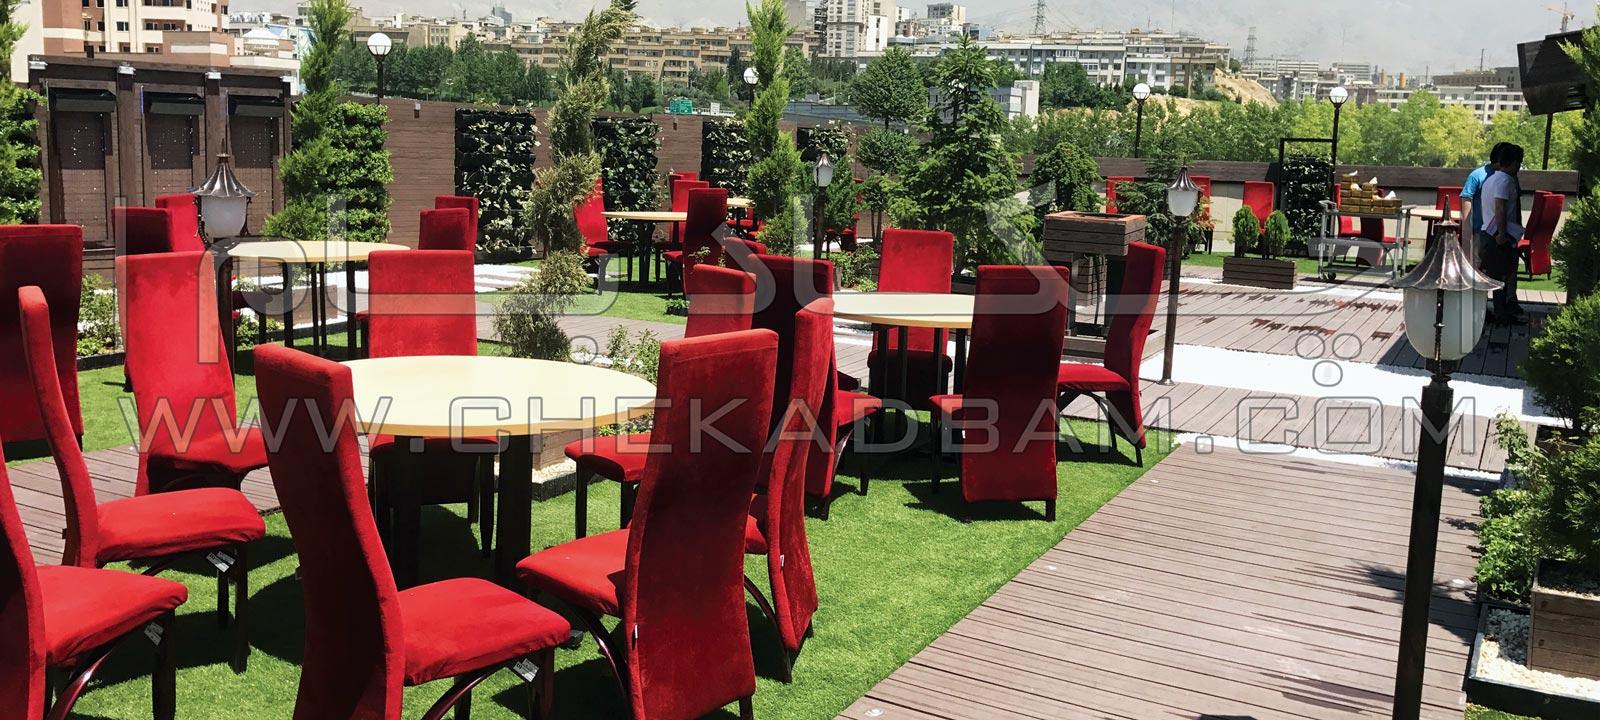 روف گاردن در امیر آباد تهران خیابان کارگر رستوران و فضای سبز روی پشت بام